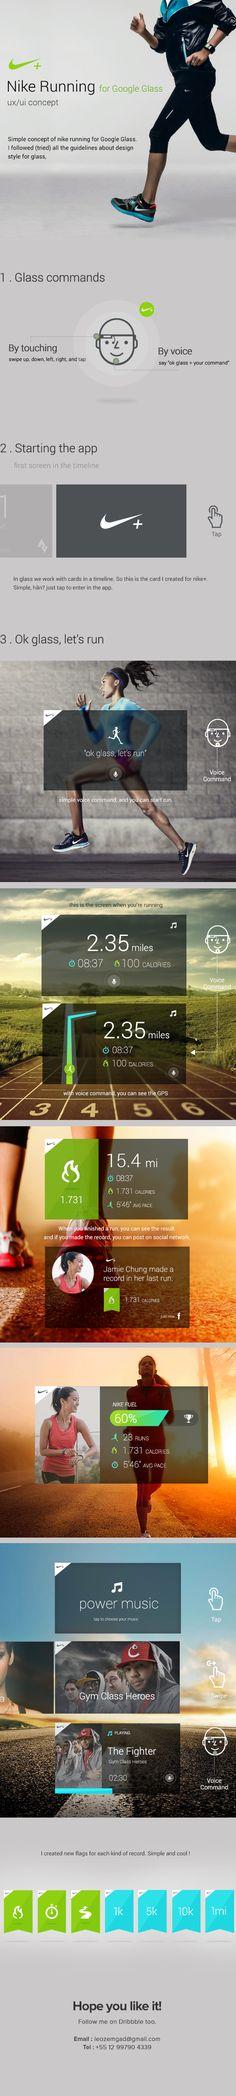 #Nike Running for #GoogleGlass by Leonardo Zem, via #Behance #UX #UI